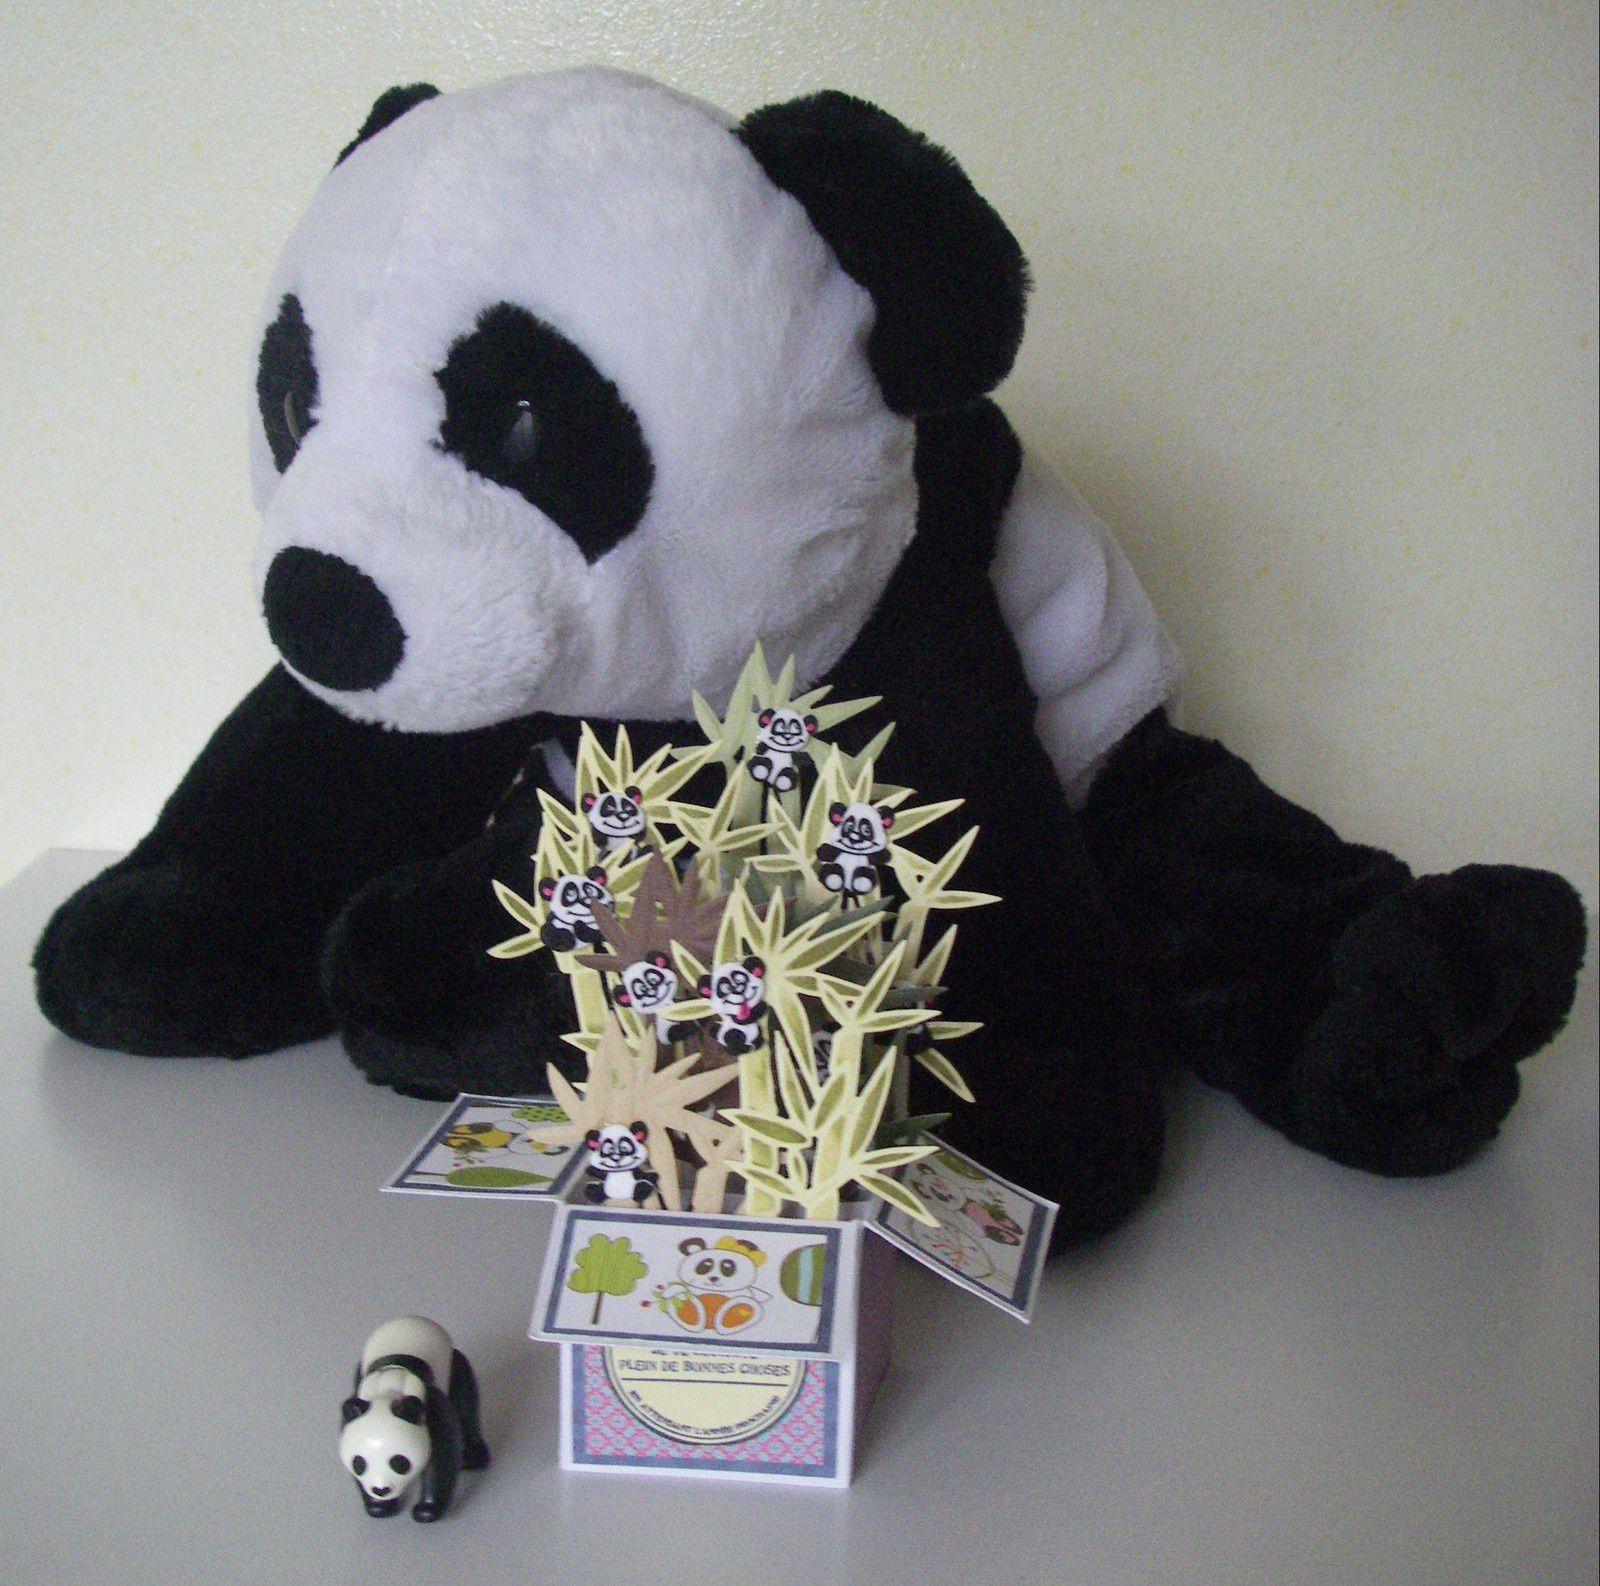 """J'ai trouvé le tuto dans le magazine """"Cartes 3D"""". J'ai utilisé un die bambou, et j'ai pris énormément de plaisir à y cacher 9 petits pandas !"""